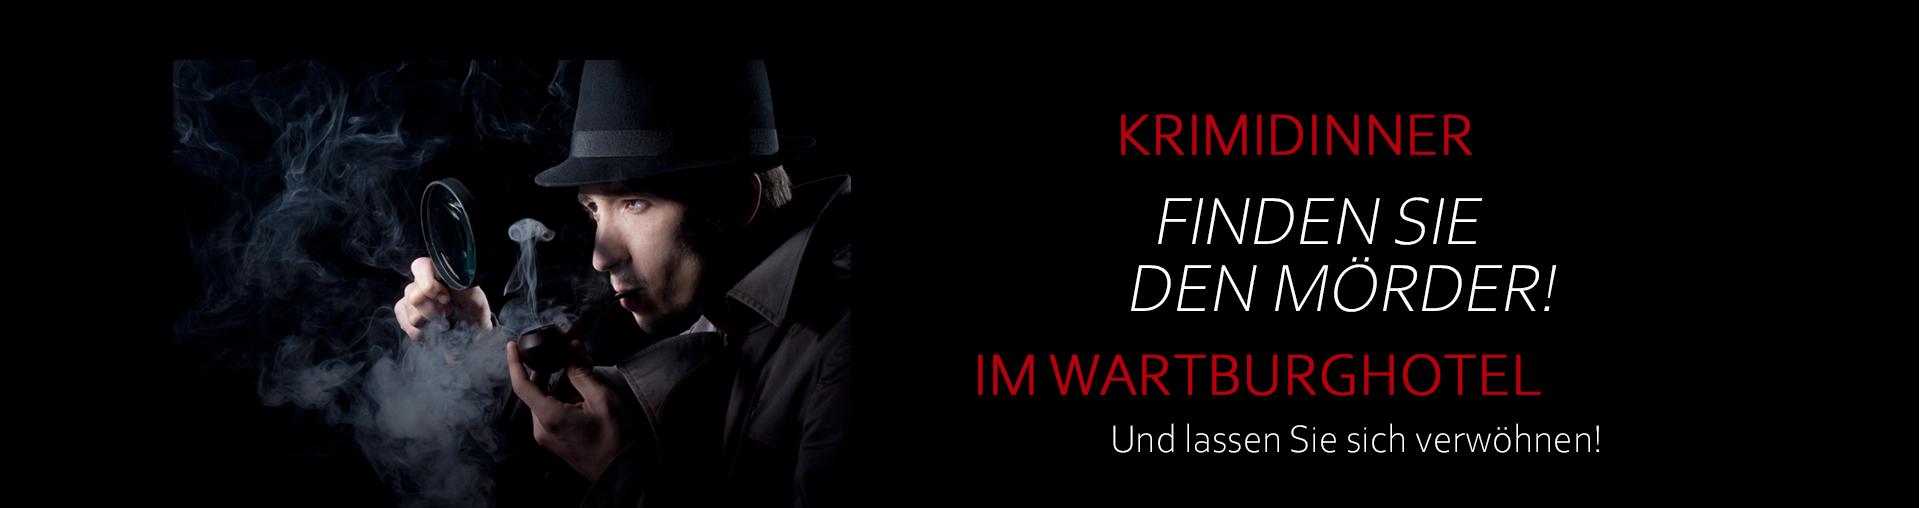 Krimidinner im Wartburghotel Eisenach